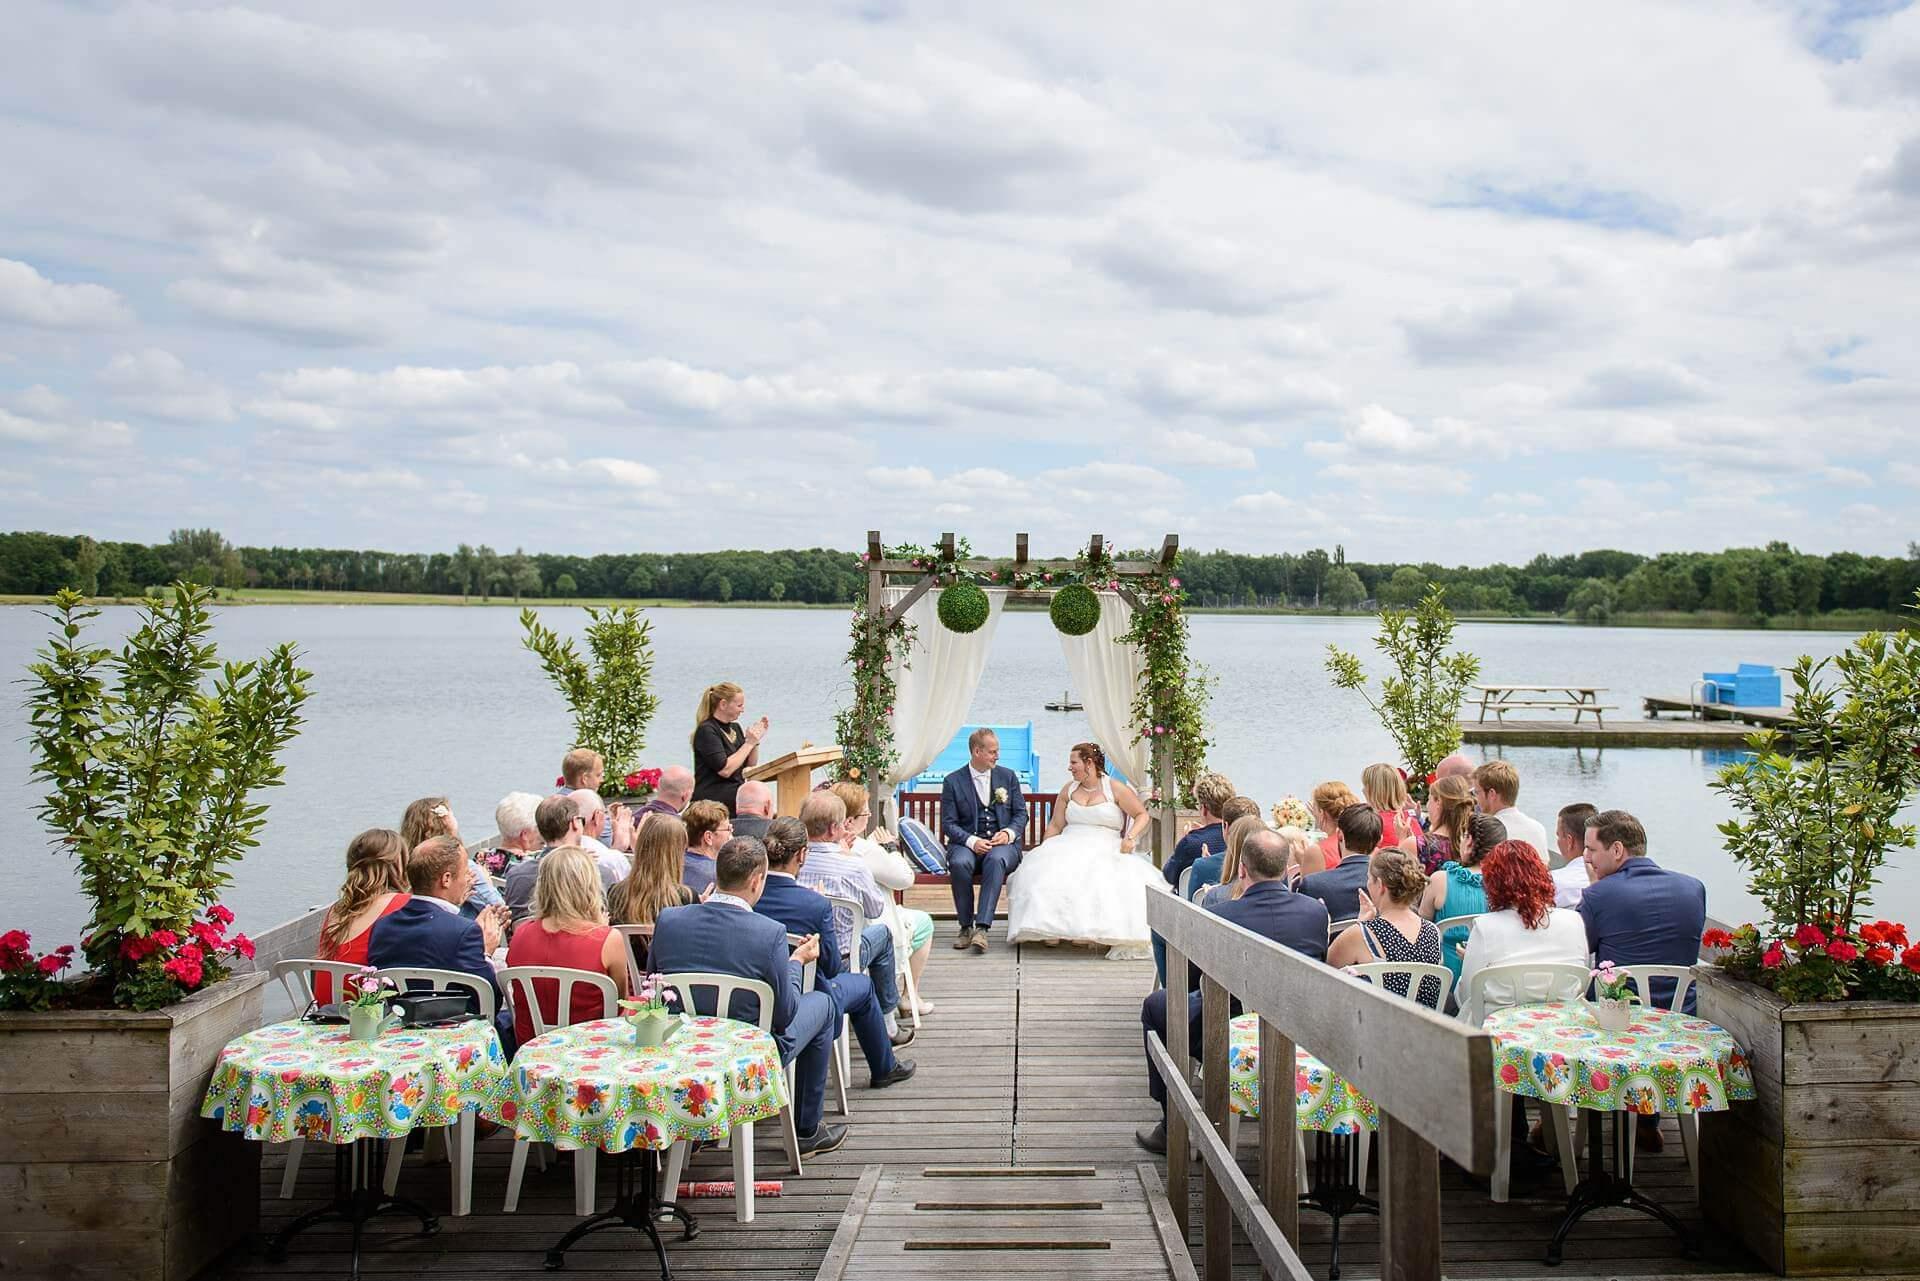 2017,Bruiloft,Het Buitenhuis Ewijk,Schaijk,Twan & Marjanne Mathijssen - van Summeren,